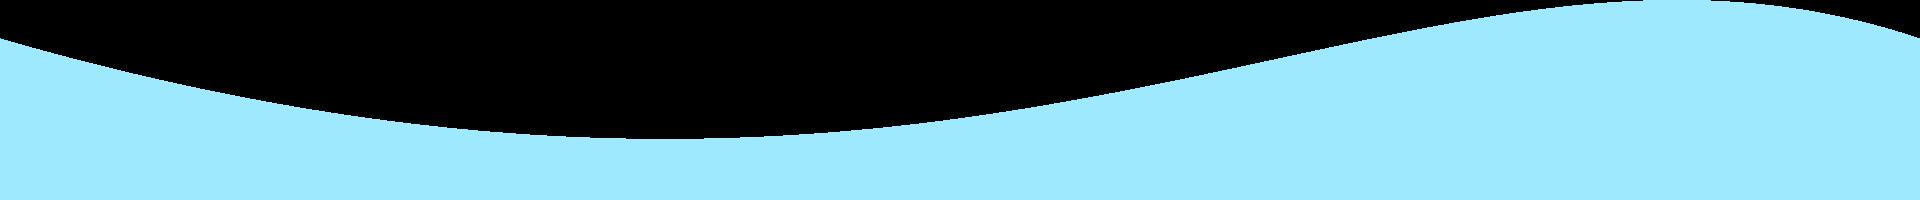 shape 1